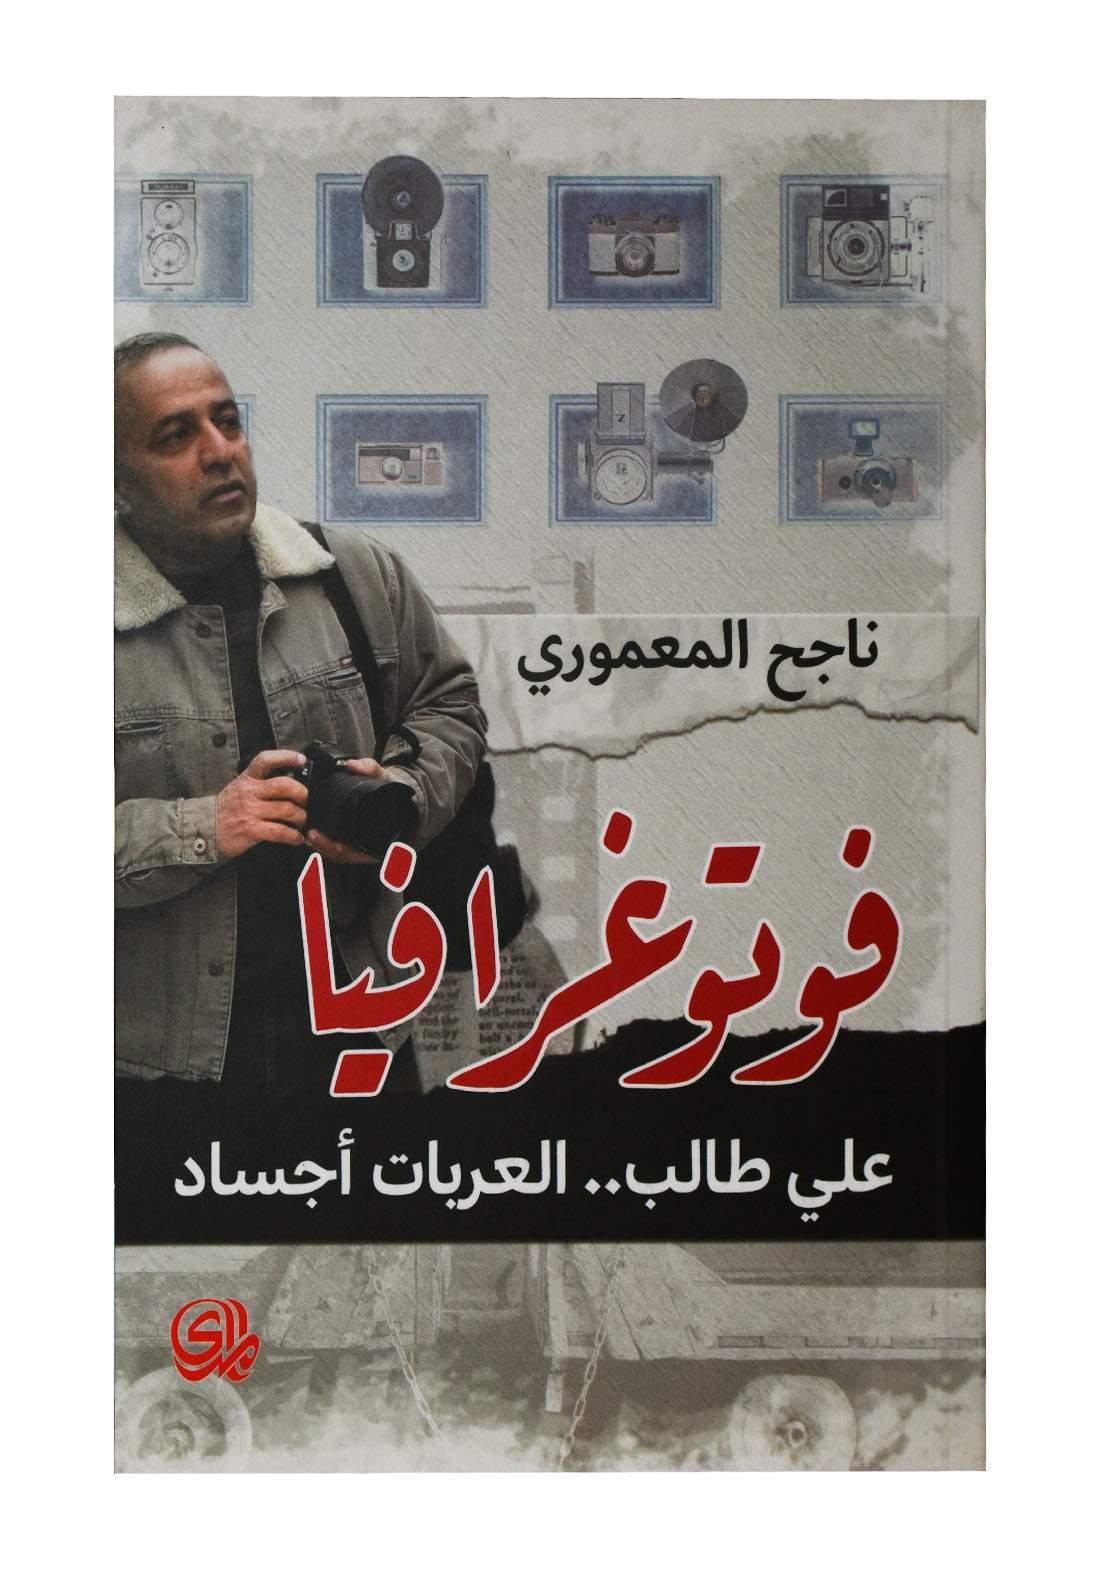 فوتوغرافيا علي طالب العربات اجساد